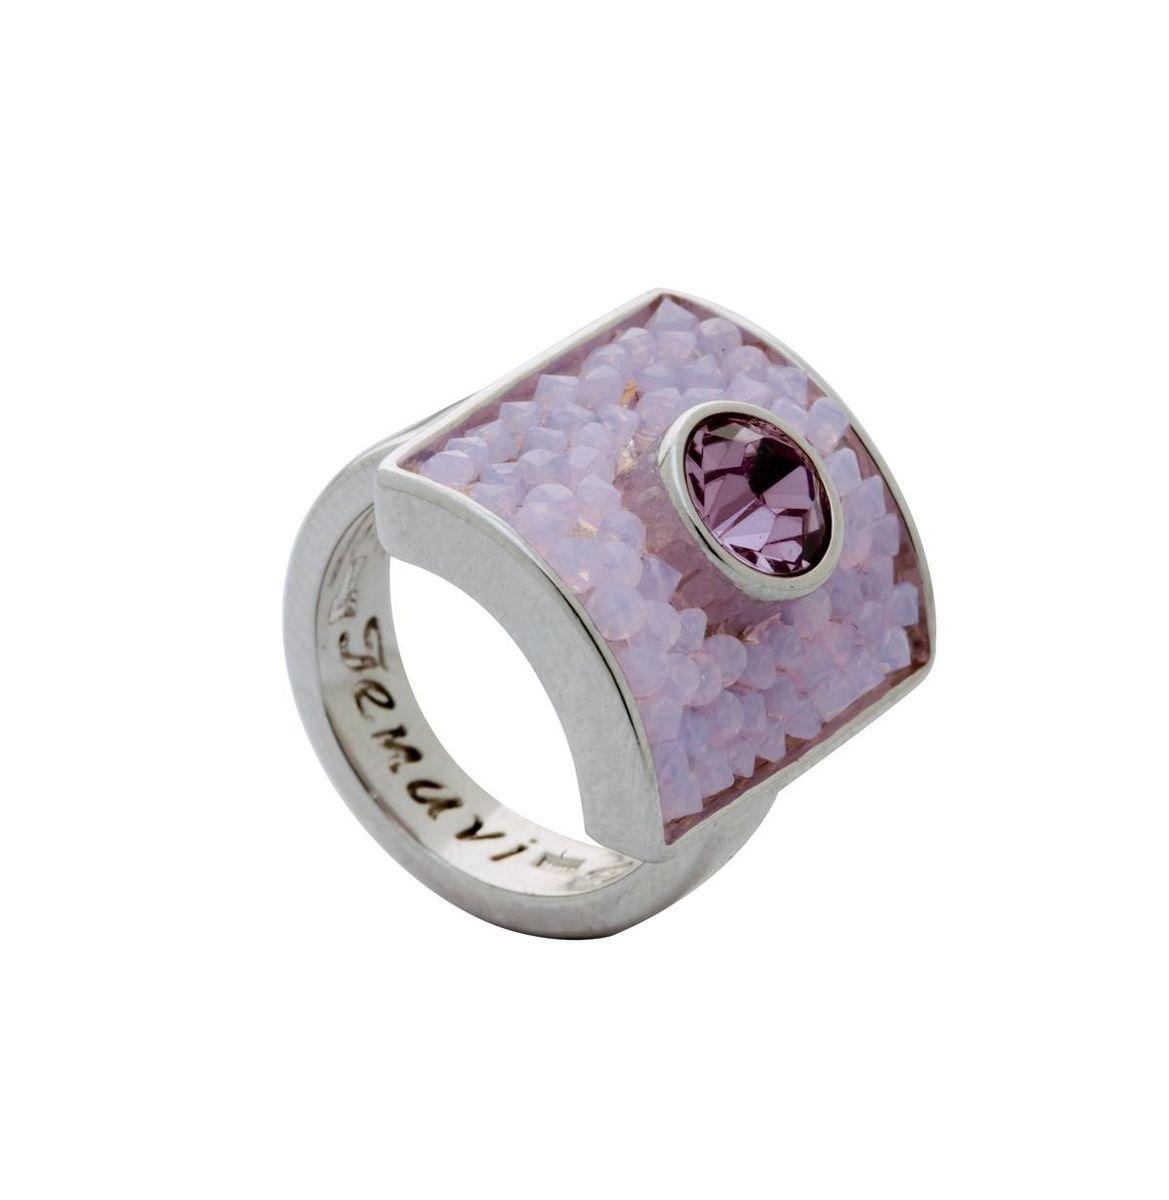 Кольцо Jenavi Майлон, цвет: серебряный, розовый. j938f010. Размер 19j938f010Элегантное кольцо Jenavi Майлон выполнено из гипоаллергенного ювелирного сплава и оформлено кристаллами Swarovski. Стильное кольцо придаст вашему образу изюминку, подчеркнет индивидуальность.